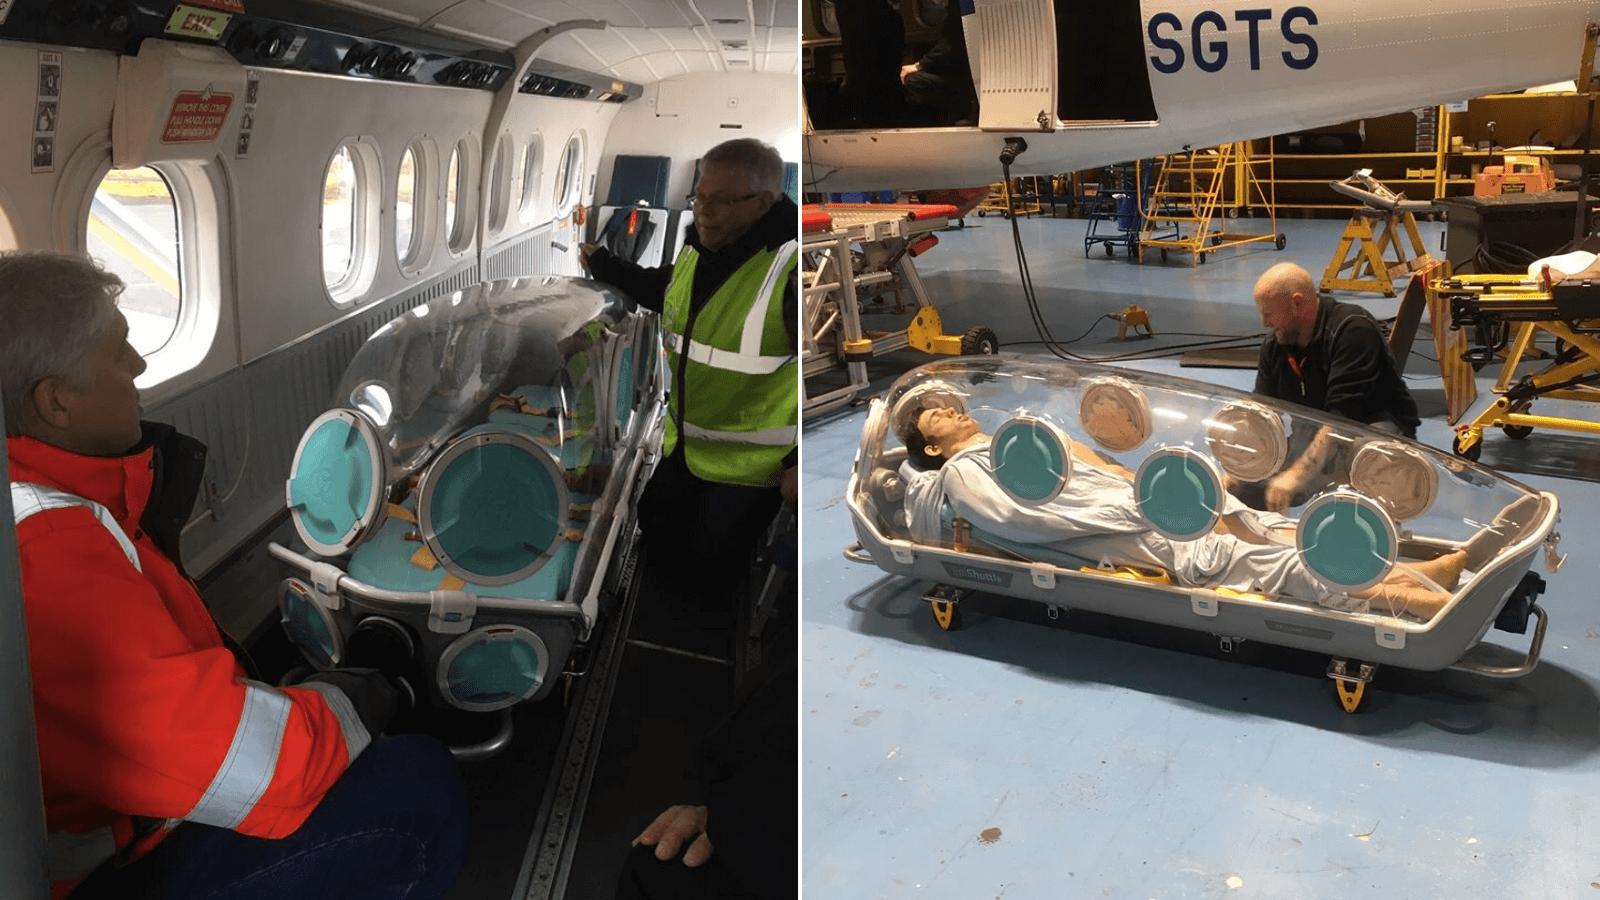 La aerolínea escocesa Loganair convertirá algunos de sus aviones en ambulancias especiales para luchar contra el brote de COVID-19 2